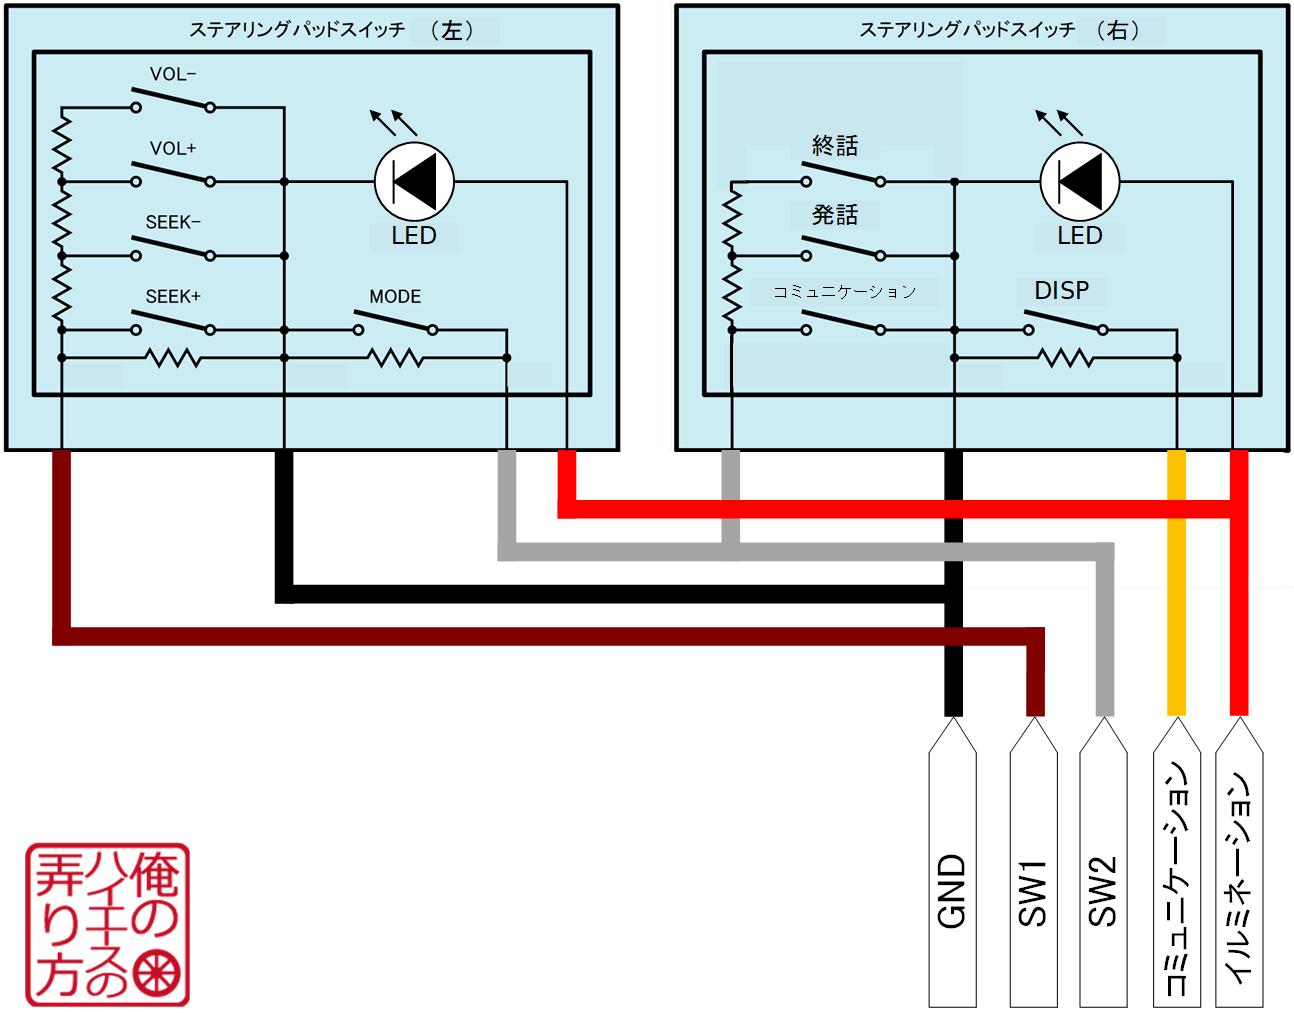 ハイエース変更後ステアリングスイッチの内部回路.png